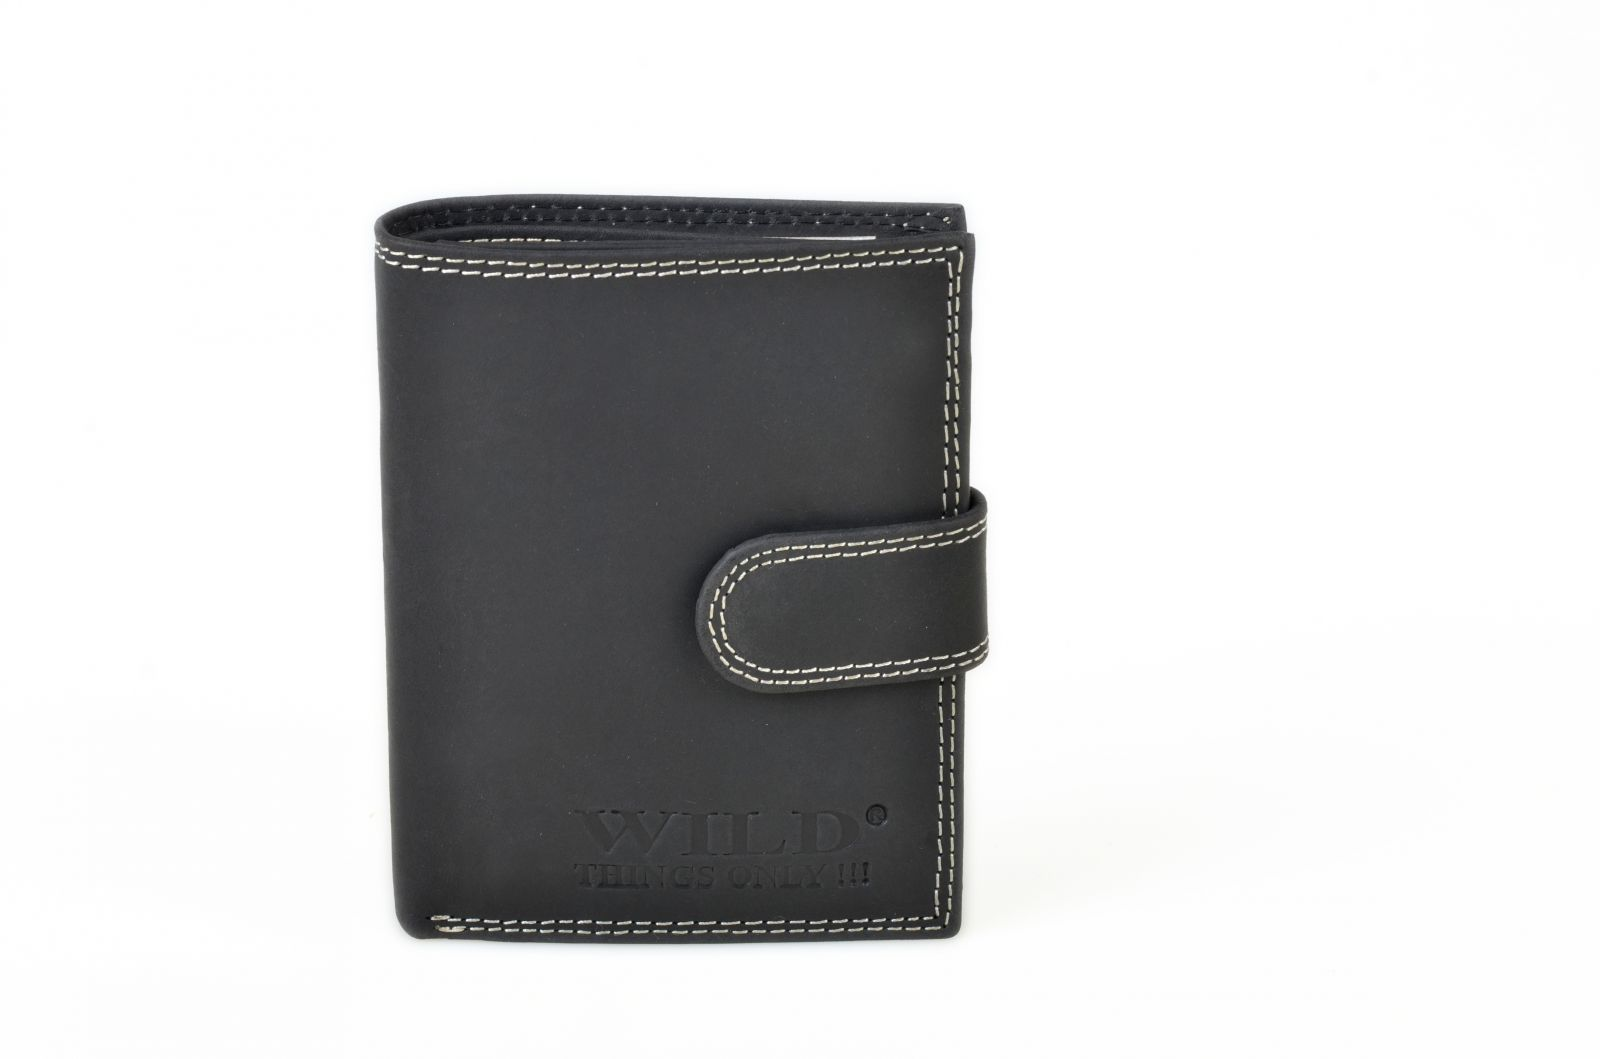 Celokožená pánská peněženka WILD 980 černá